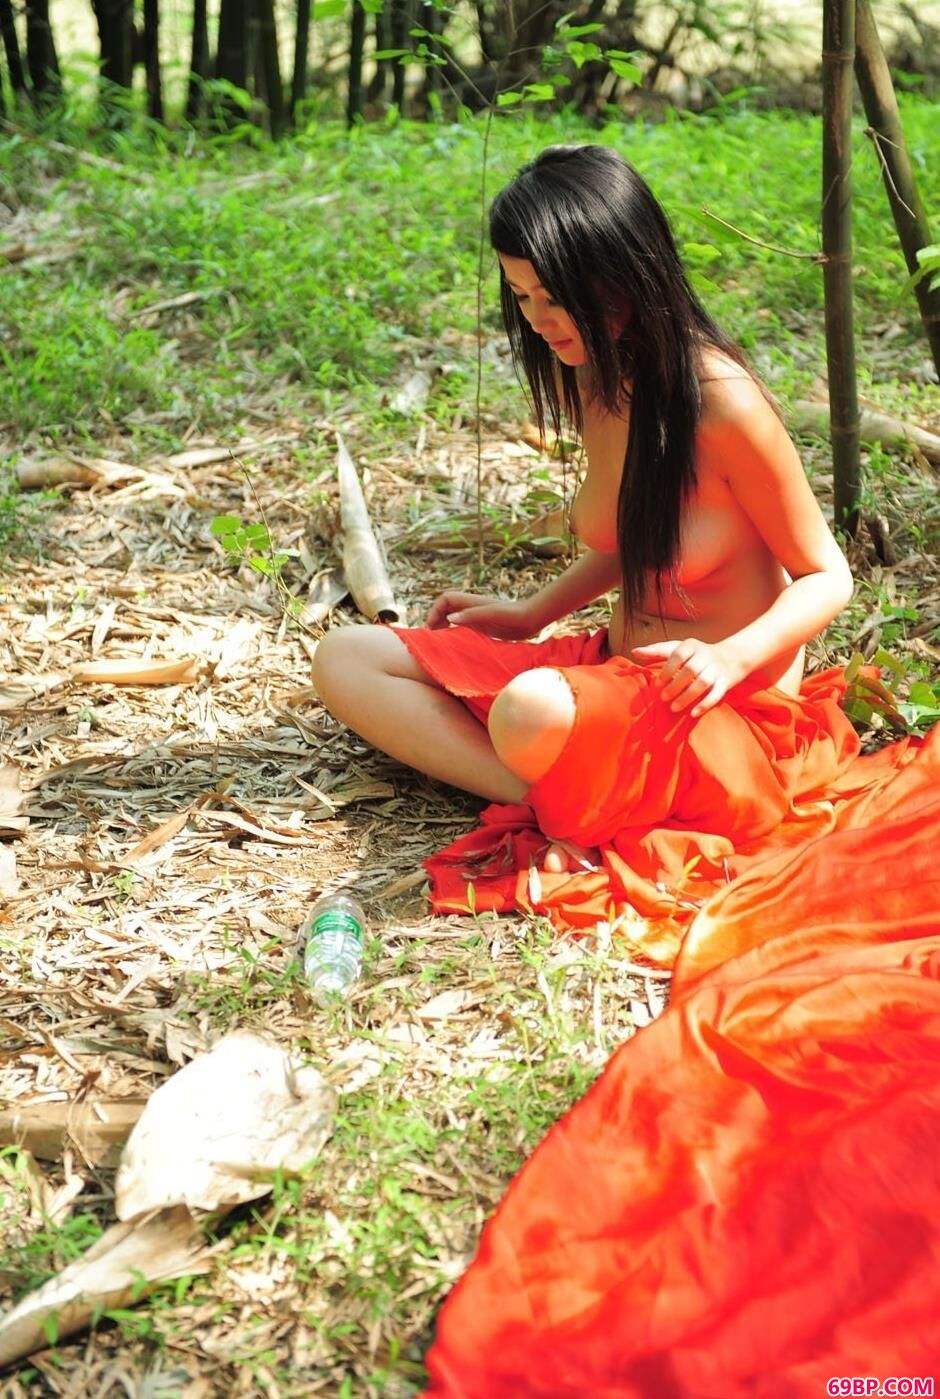 靓妹莉莉在竹子下的风情美体